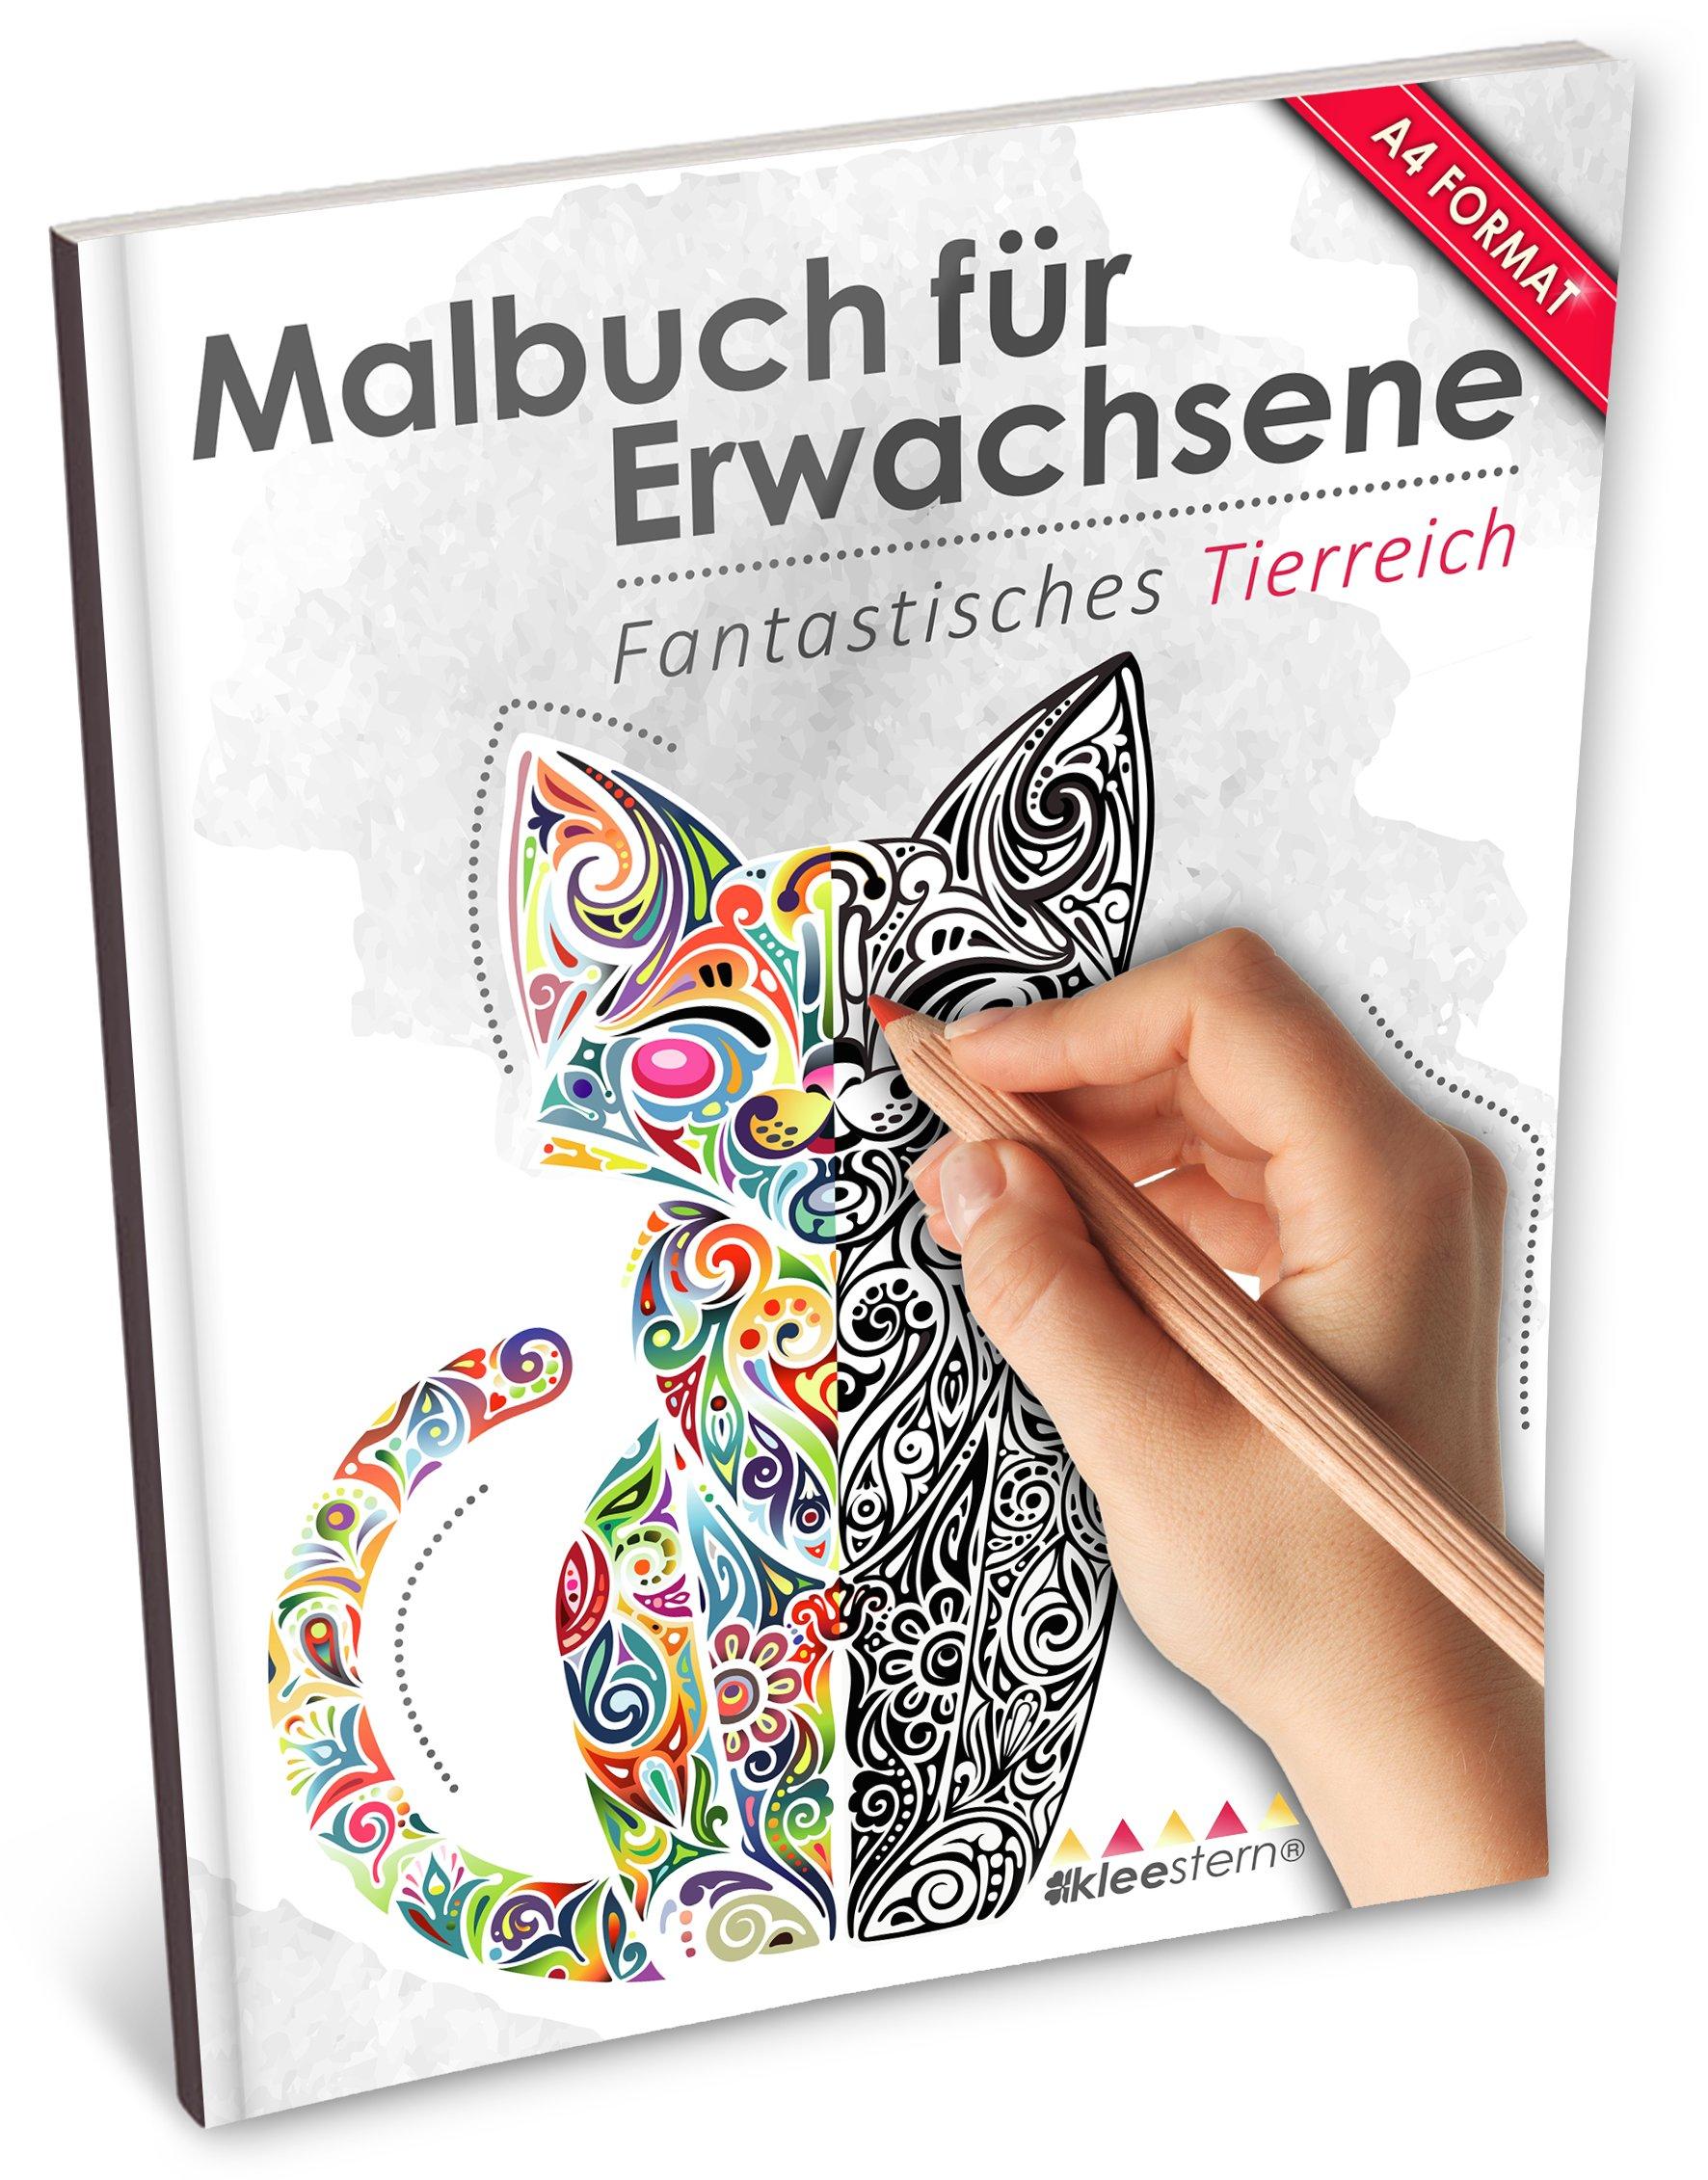 Malbuch für Erwachsene: Fantastisches Tierreich Kleestern®, A4 ...